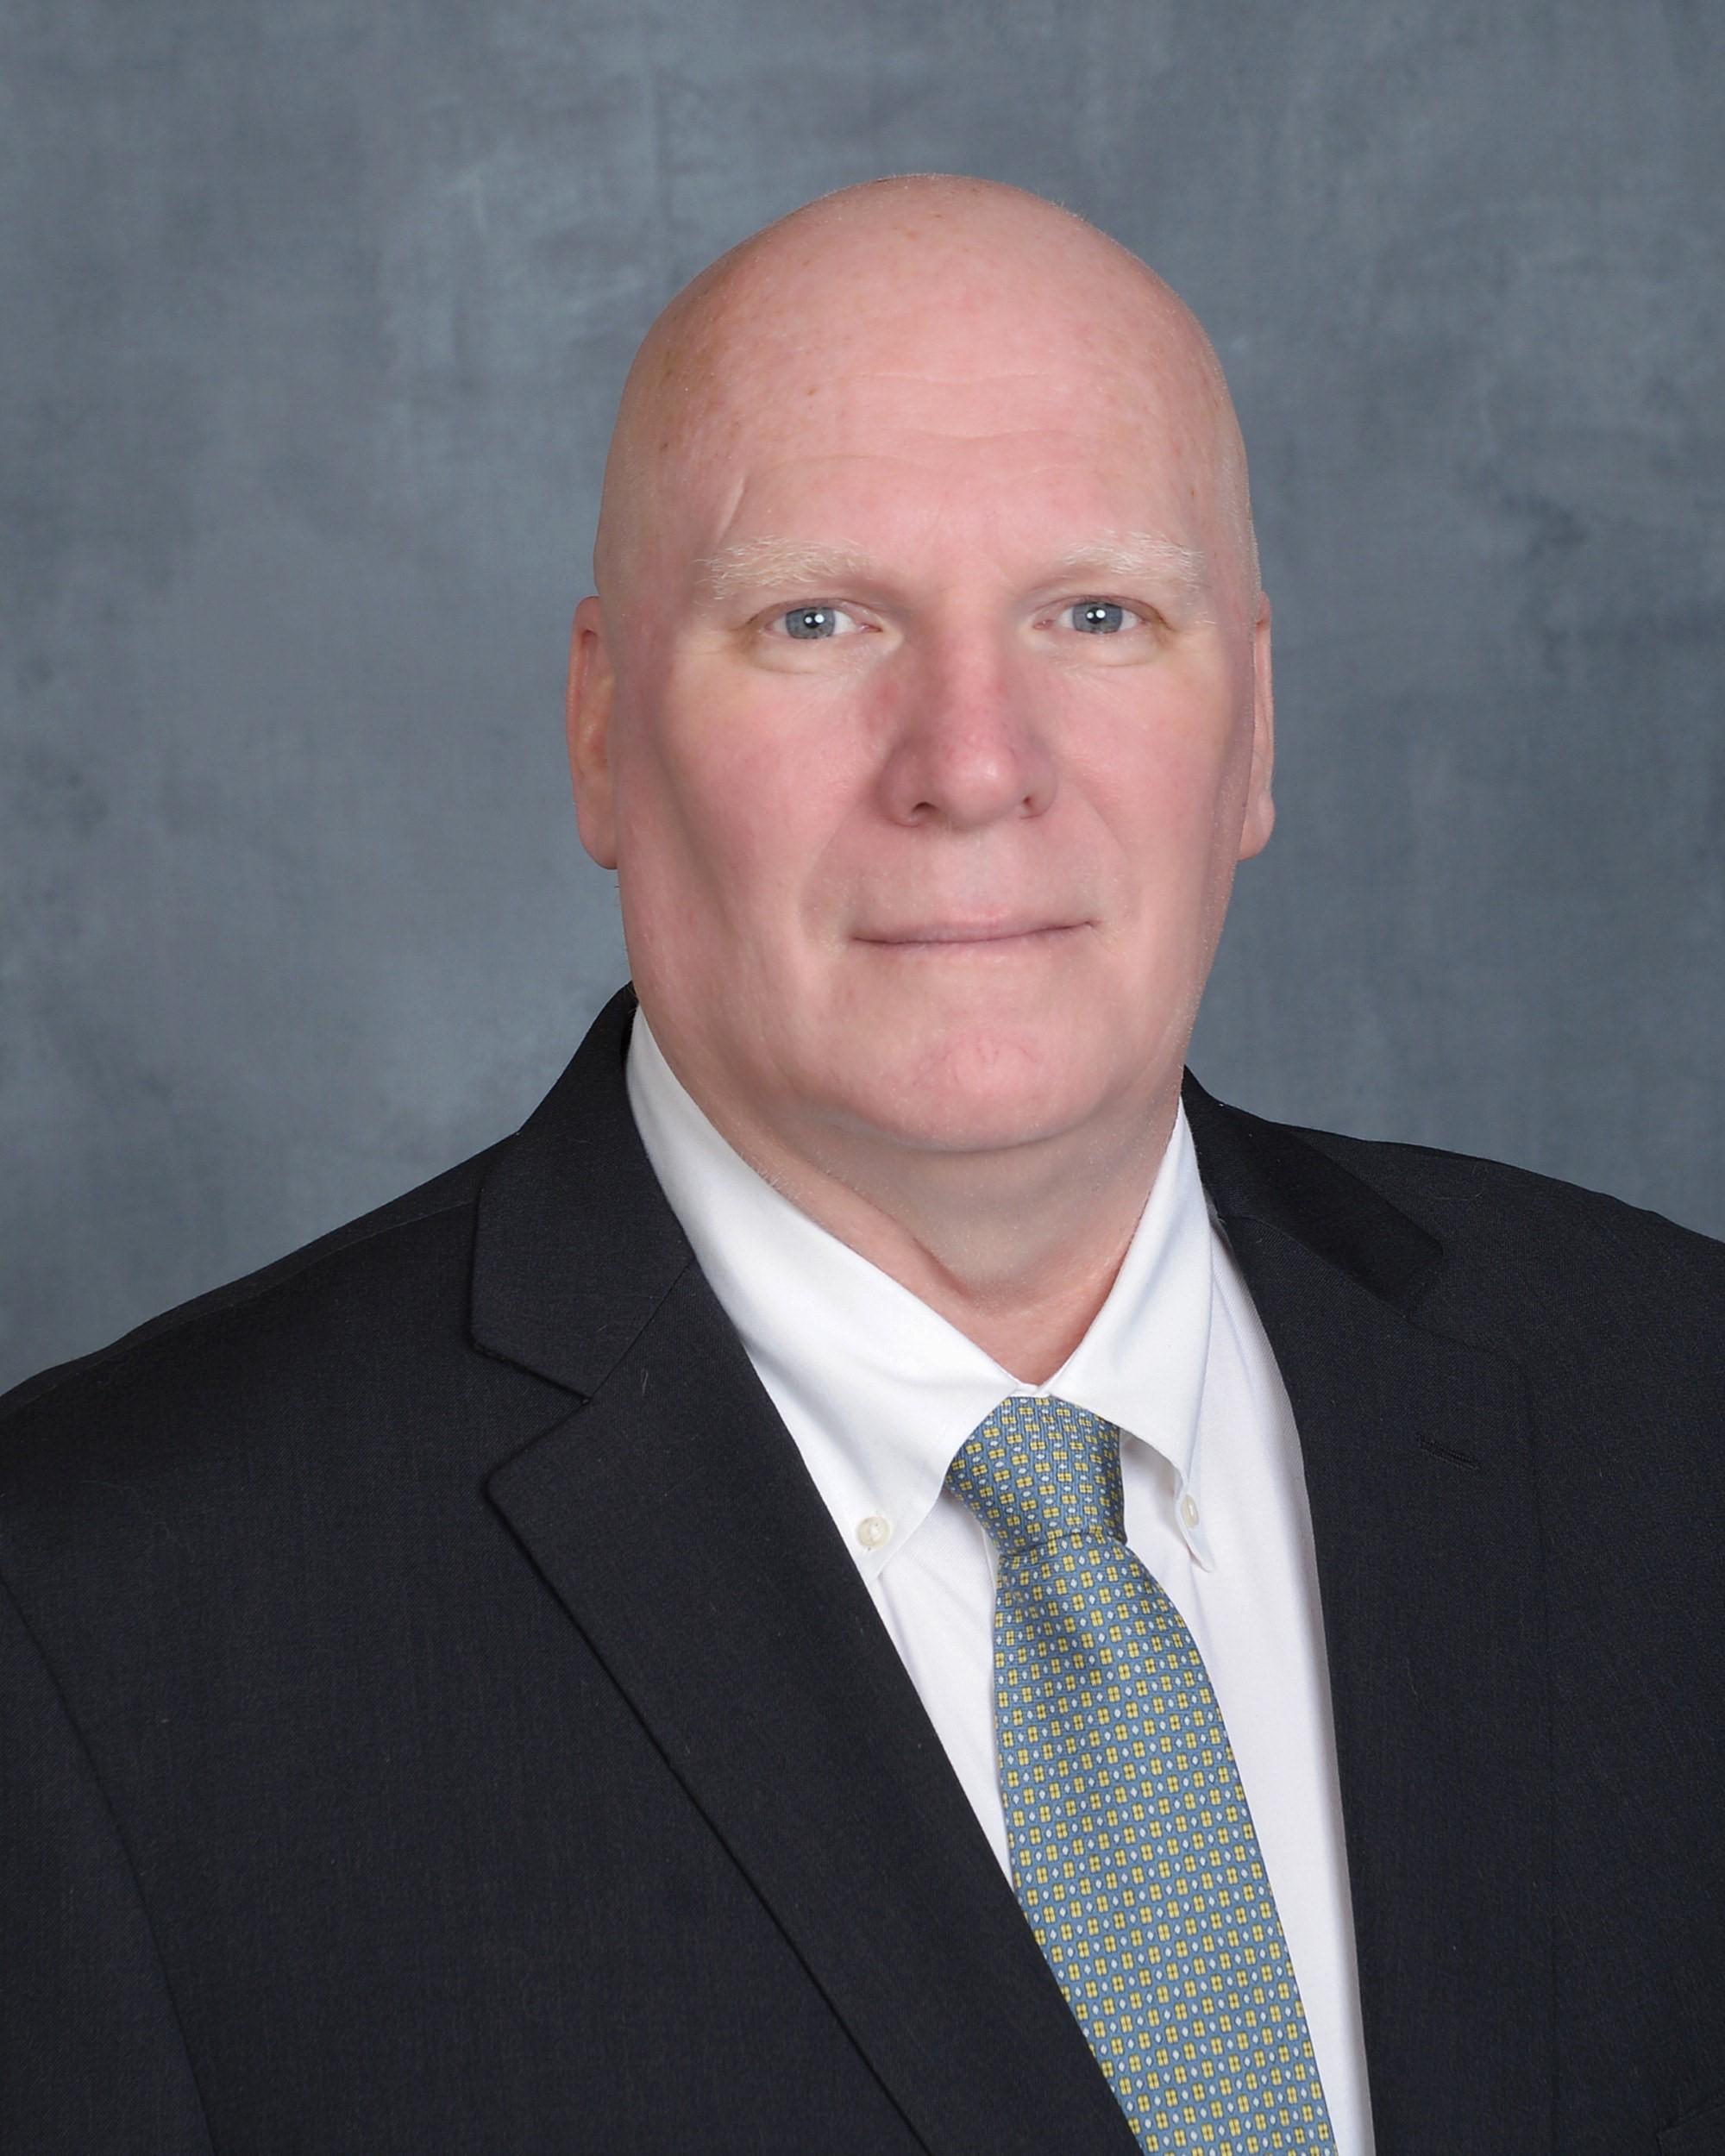 Brian J. Finn